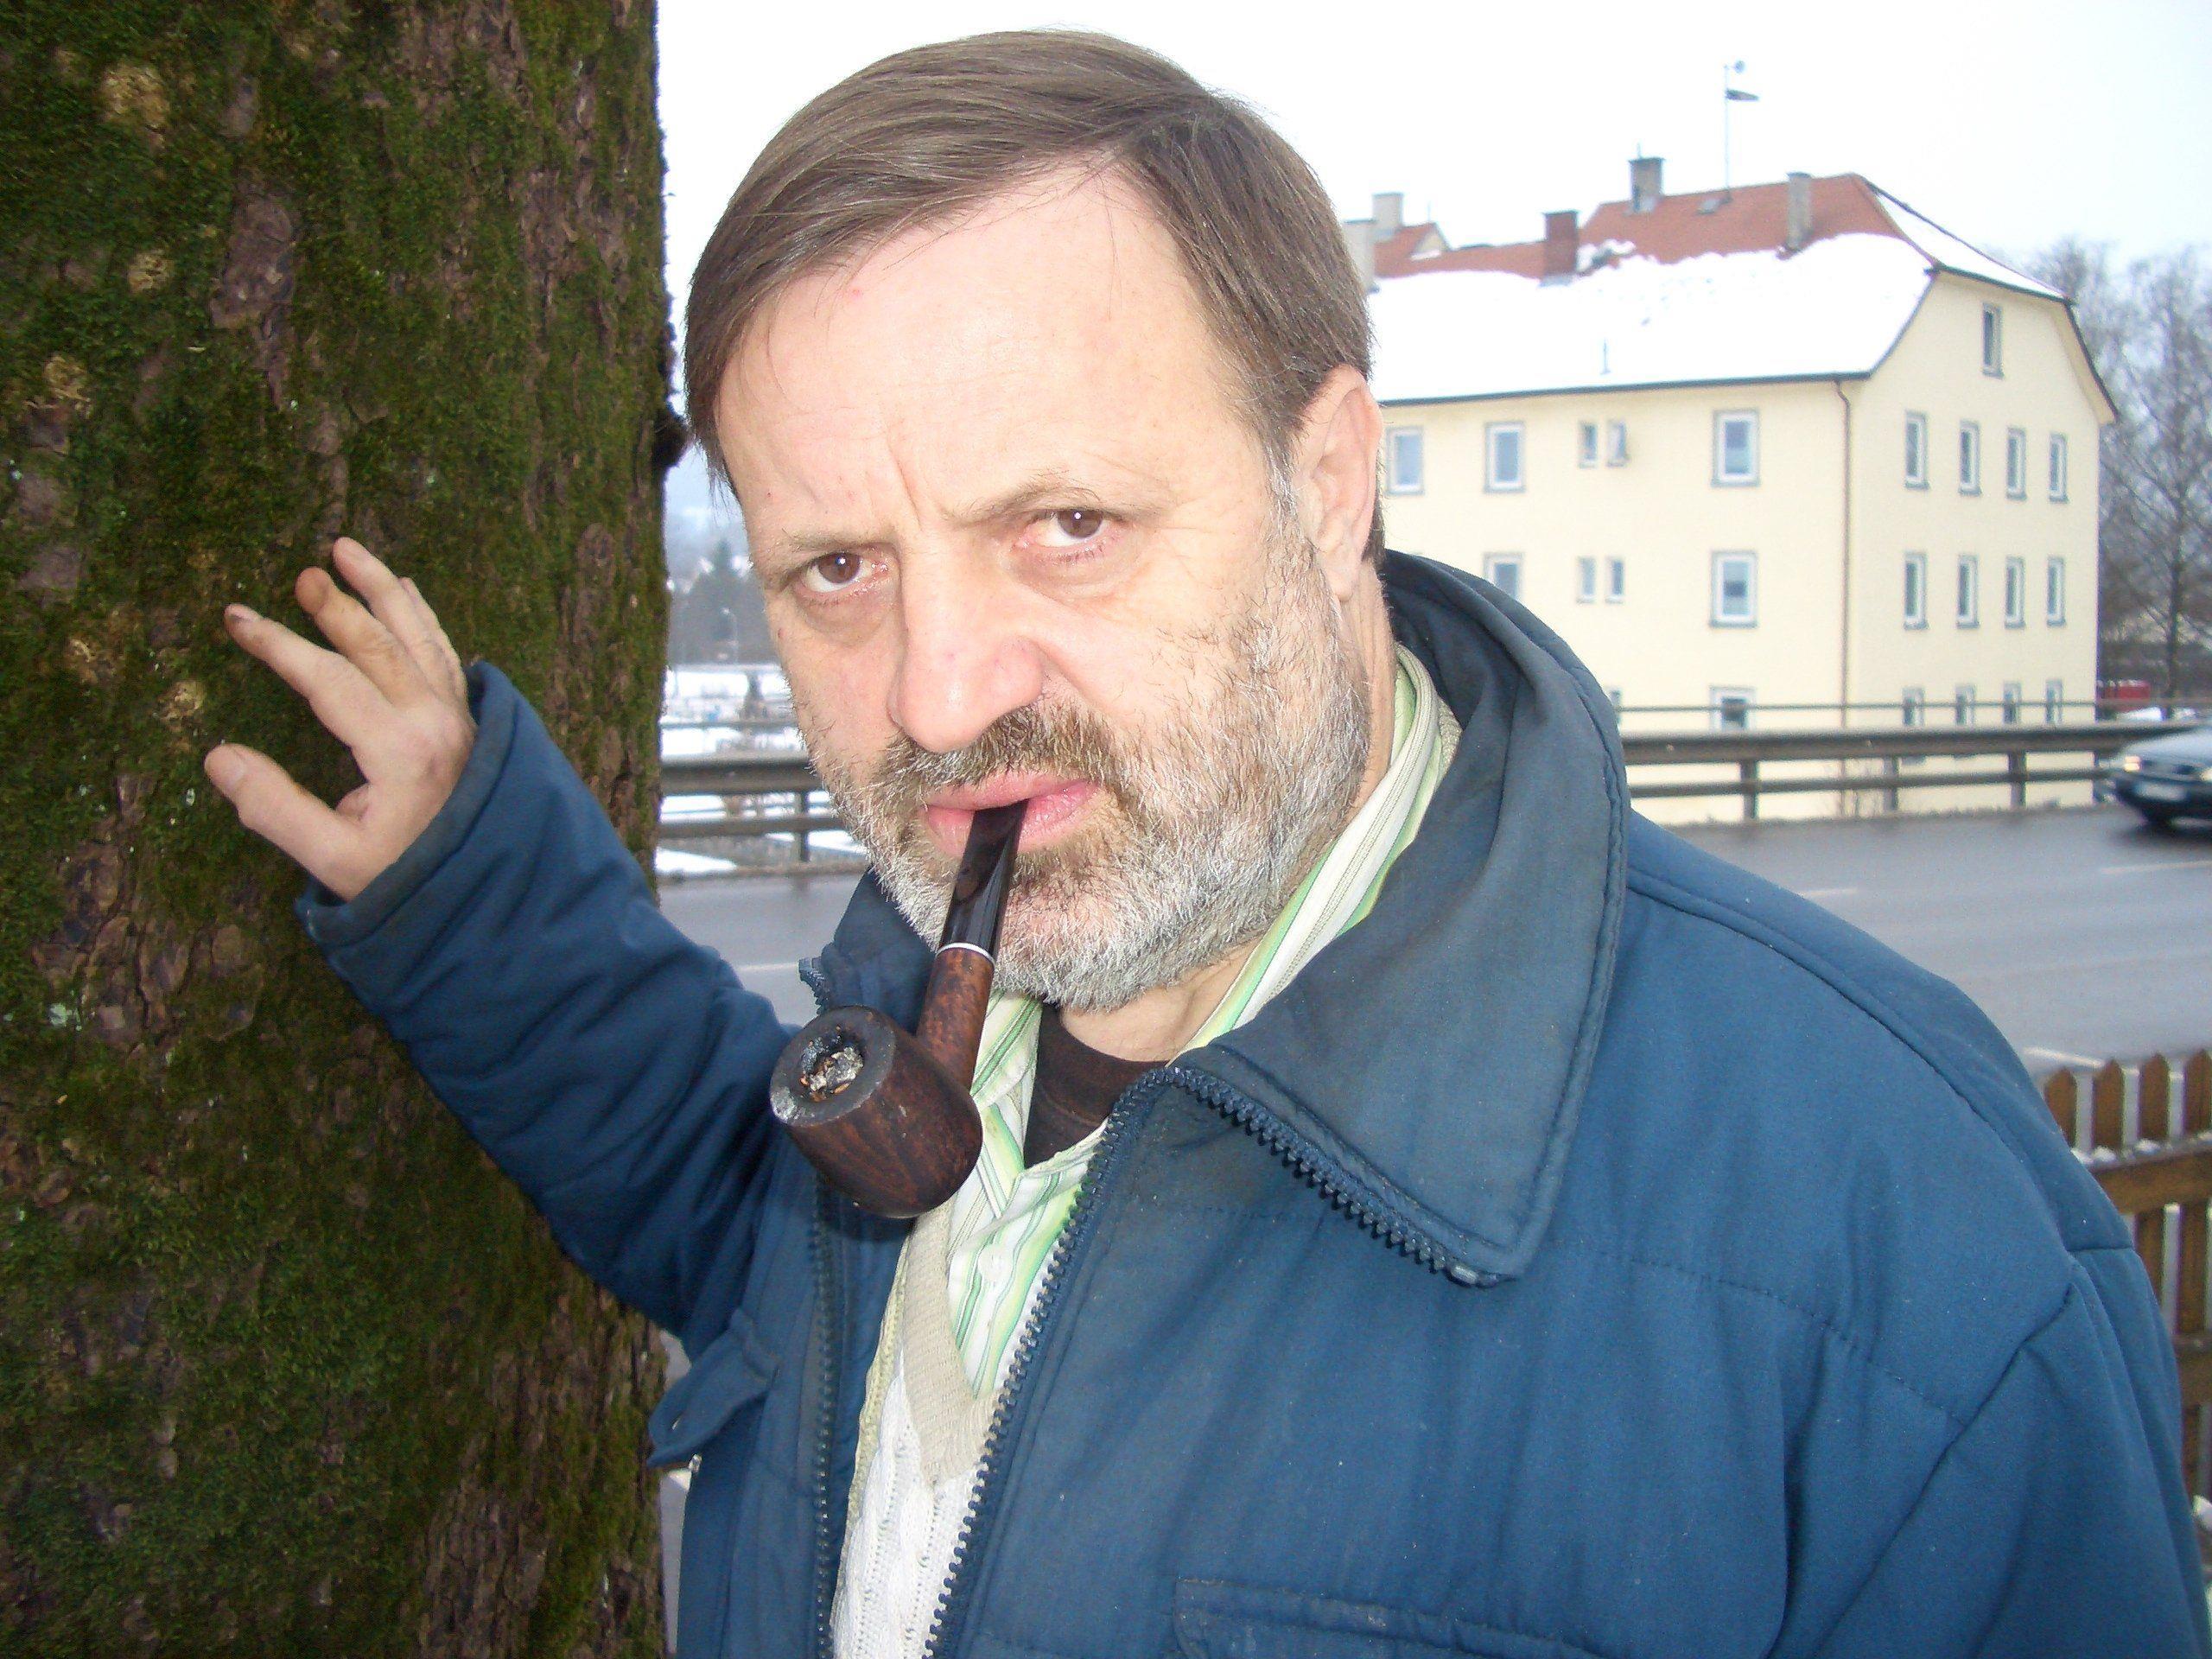 Manfred Strolz präsentiert sein neuestes Buch